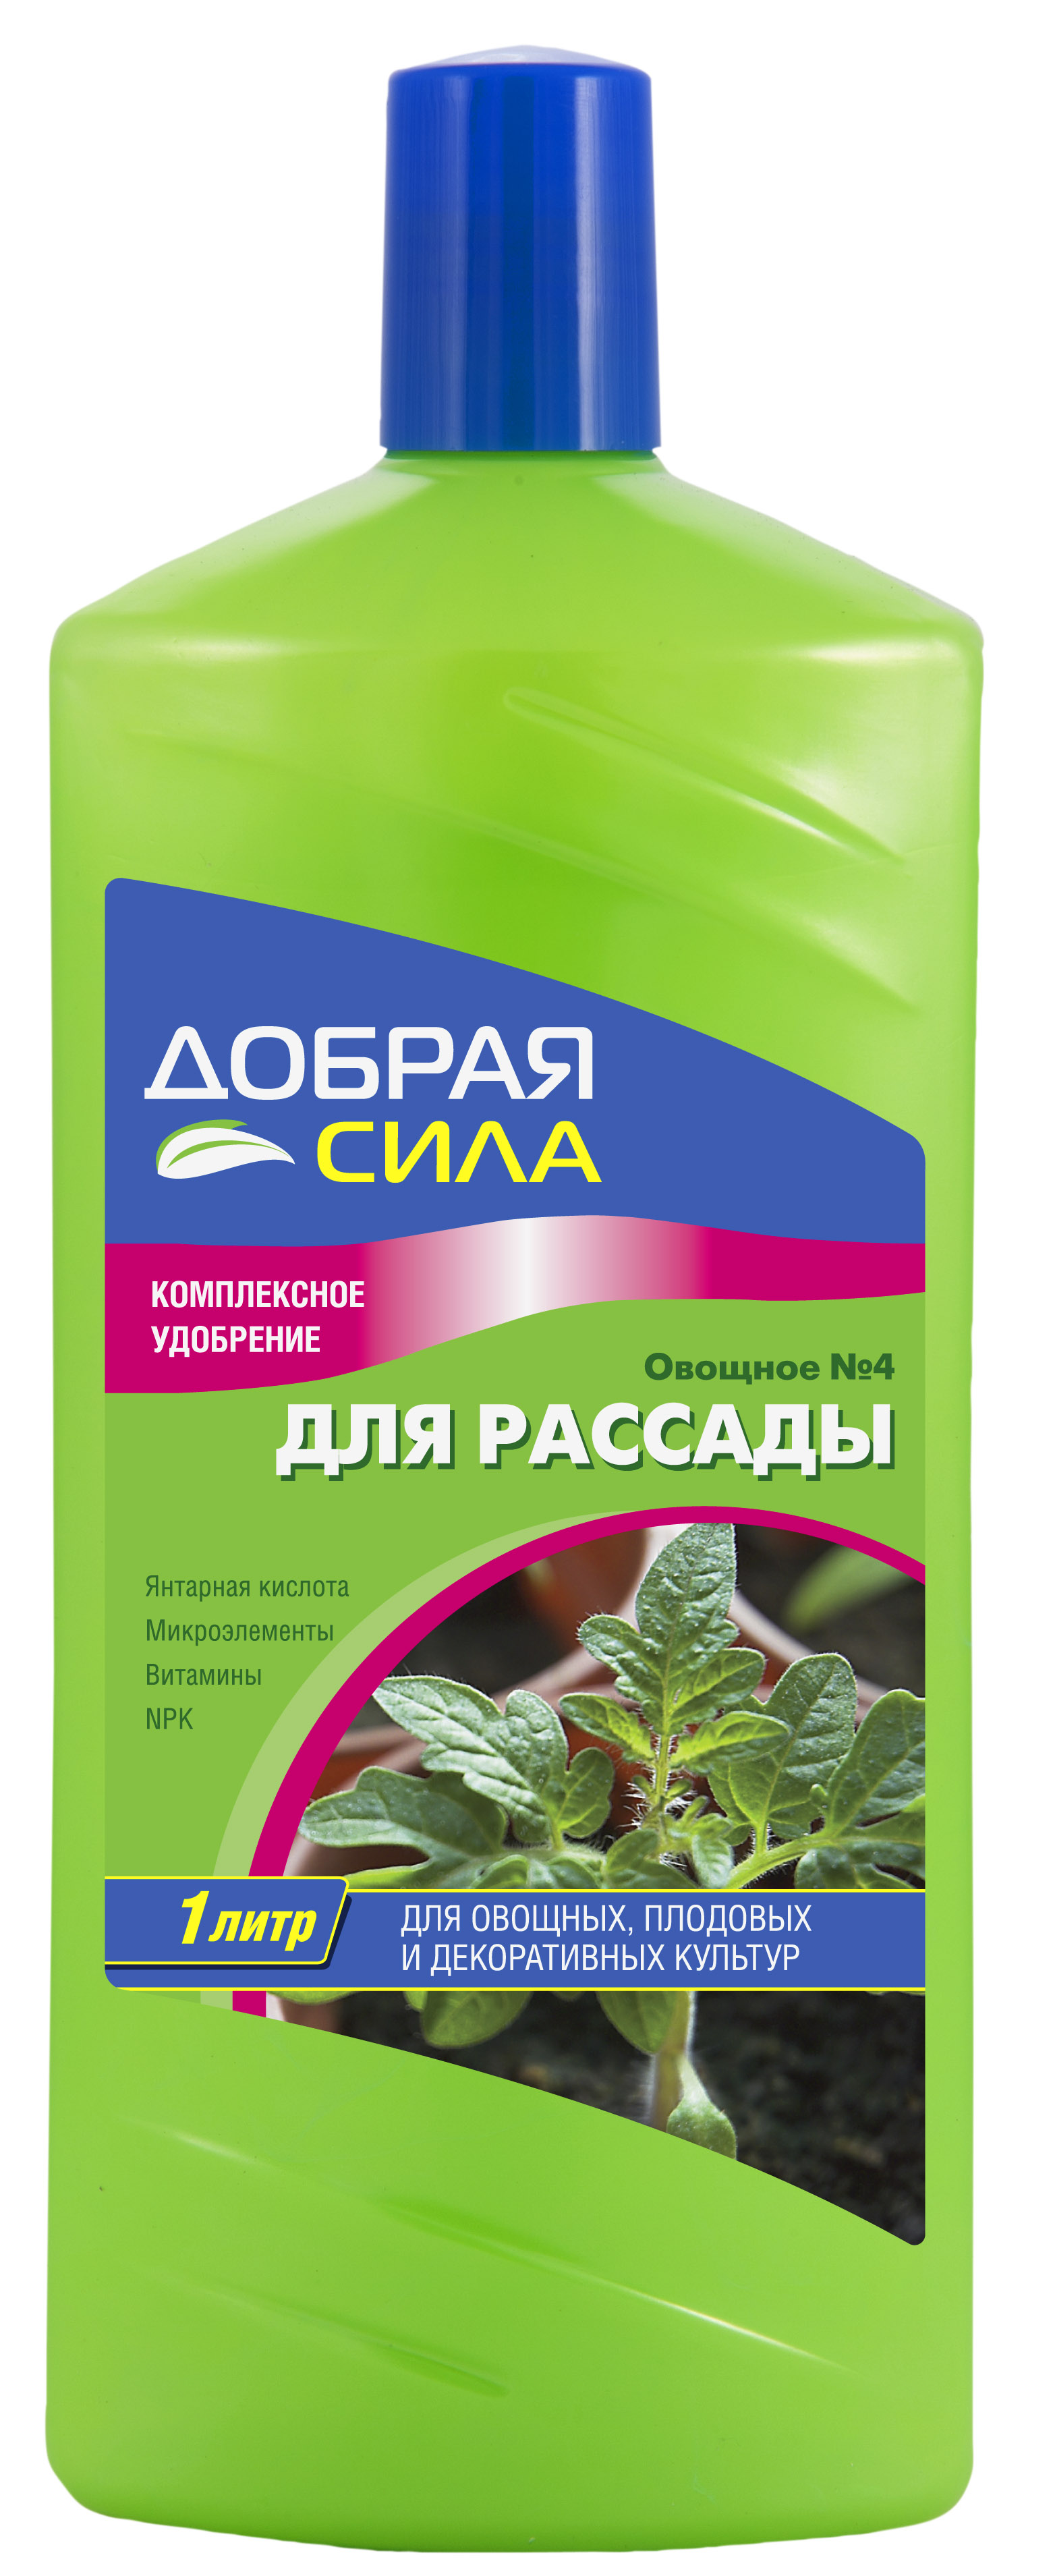 Жидкое комплексное удобрение Добрая Сила, для рассады, 1 лDS-21-07-005-1Удобрение для крепкой, сильной и здоровой рассады, обеспечивает сбалансированное питание, стимулирует обильное цветение и образование завязей, увеличивает урожай, оздоравливает корневую систему растений. Способствует будущему богатому урожаю